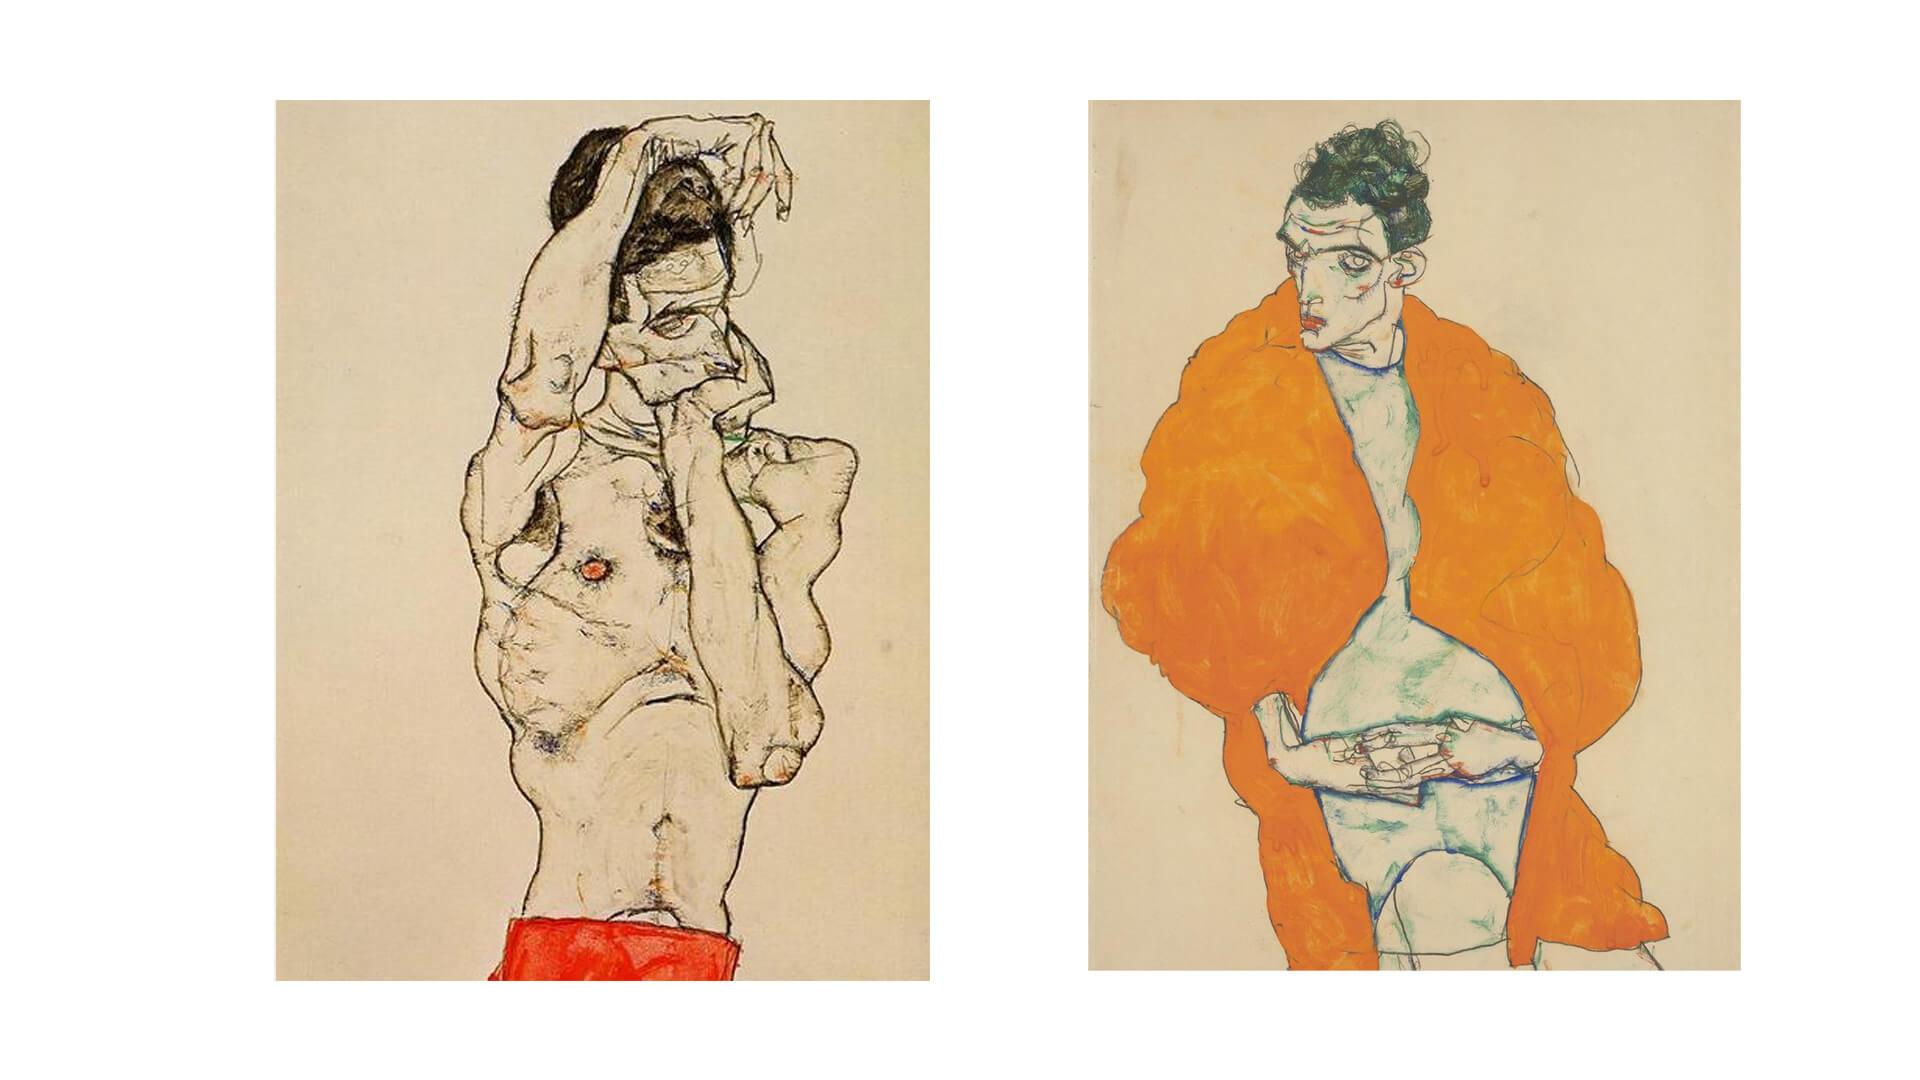 Artwork by Egon Schiele